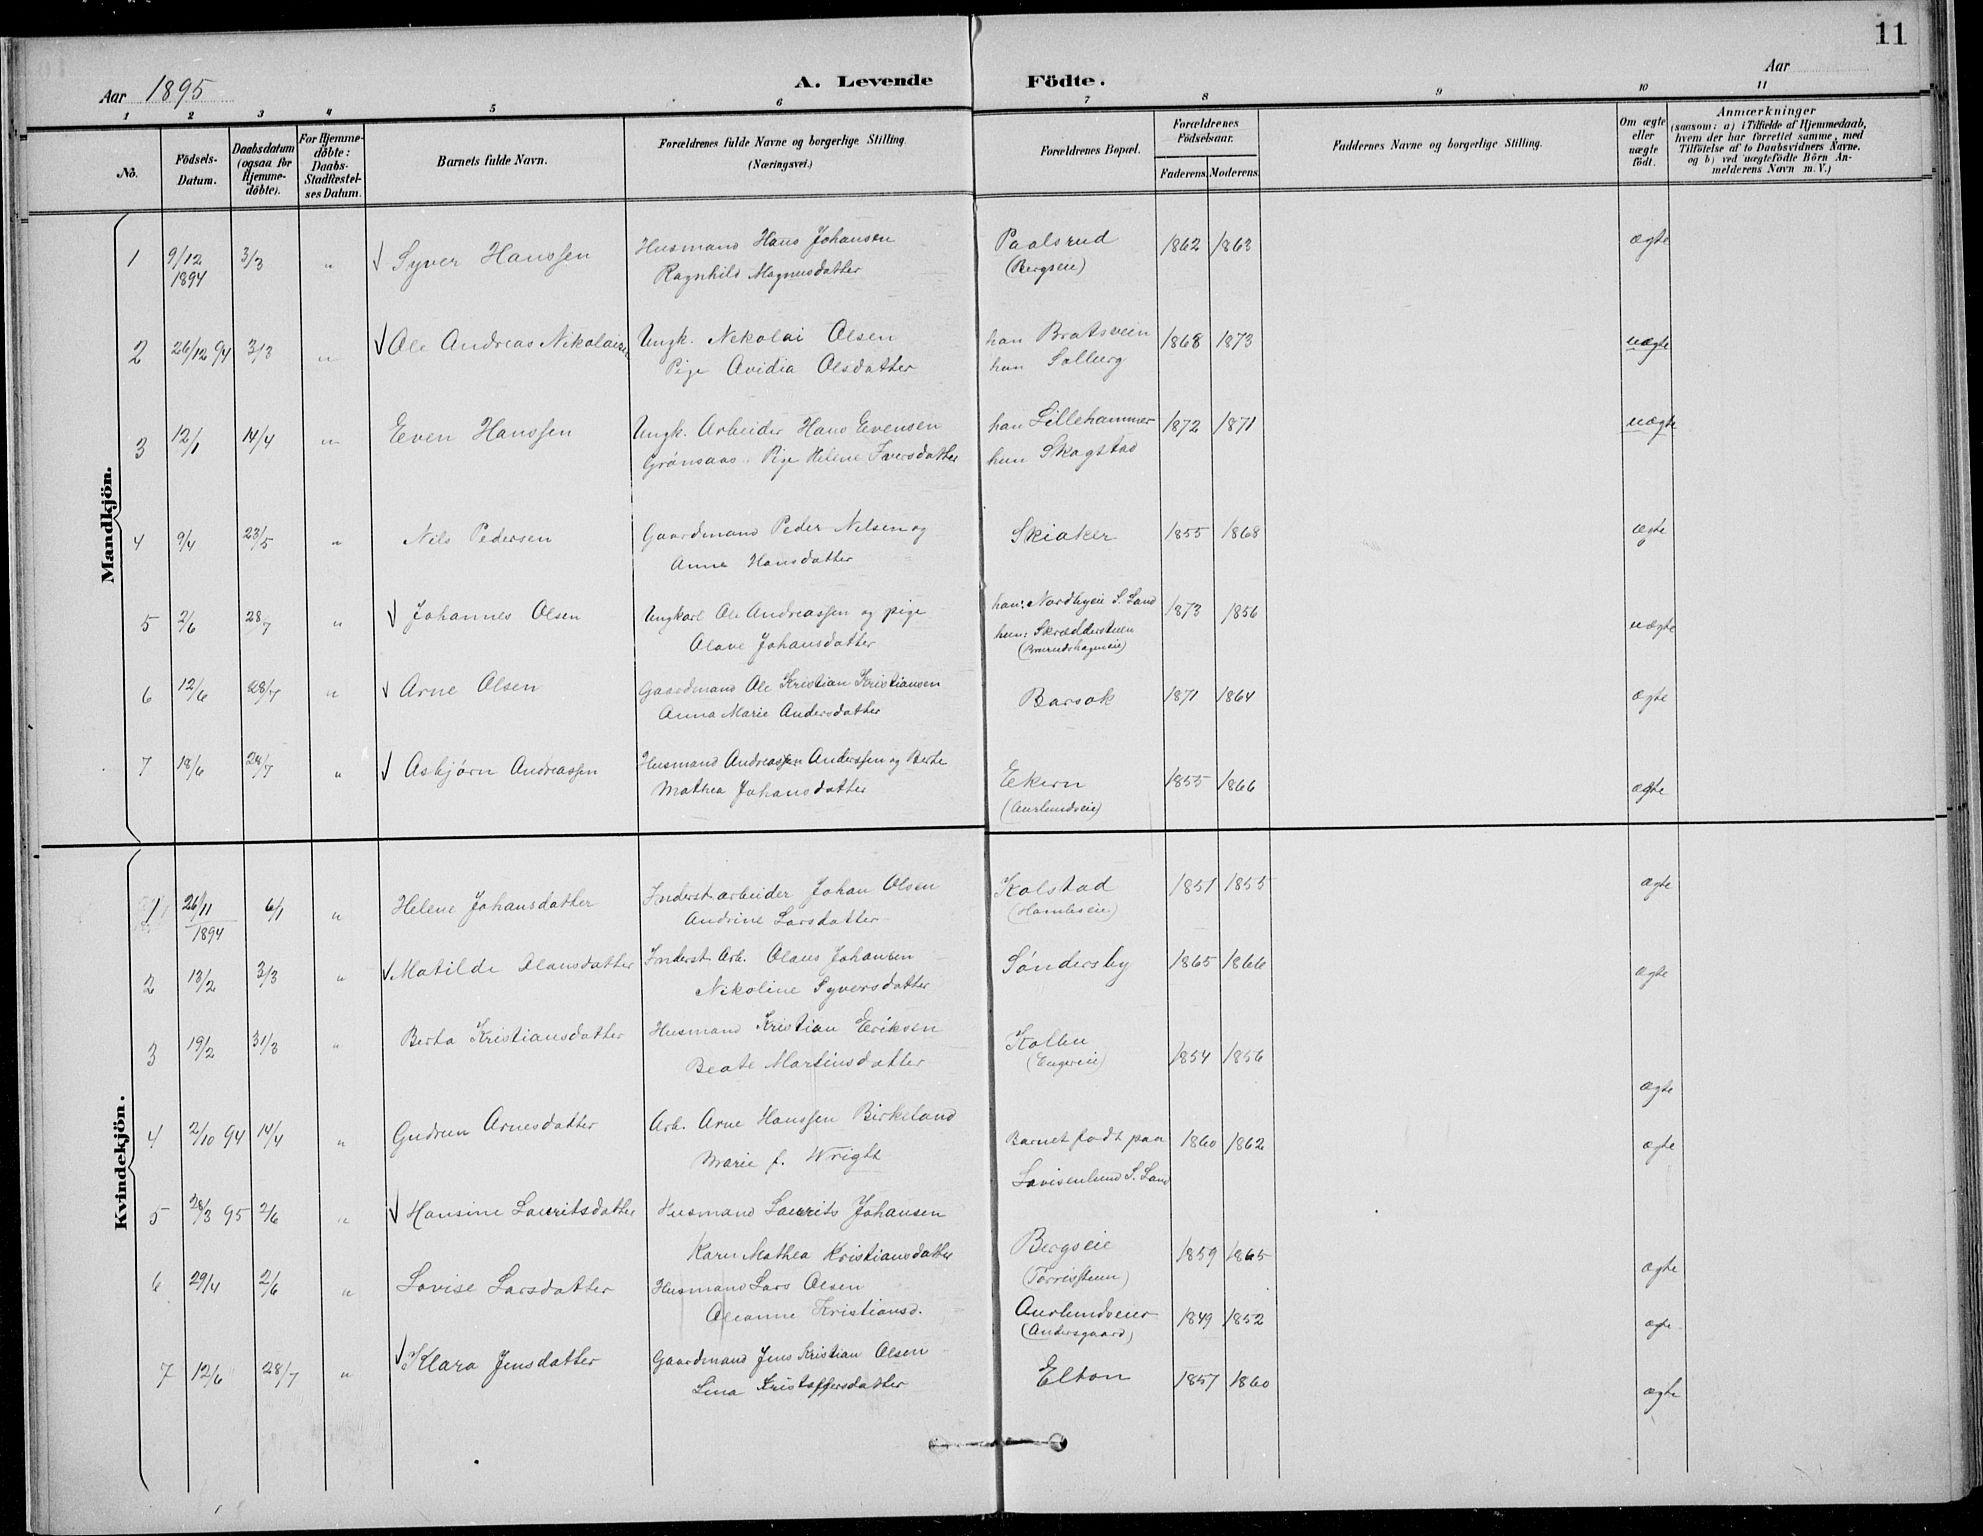 SAH, Nordre Land prestekontor, Klokkerbok nr. 14, 1891-1907, s. 11